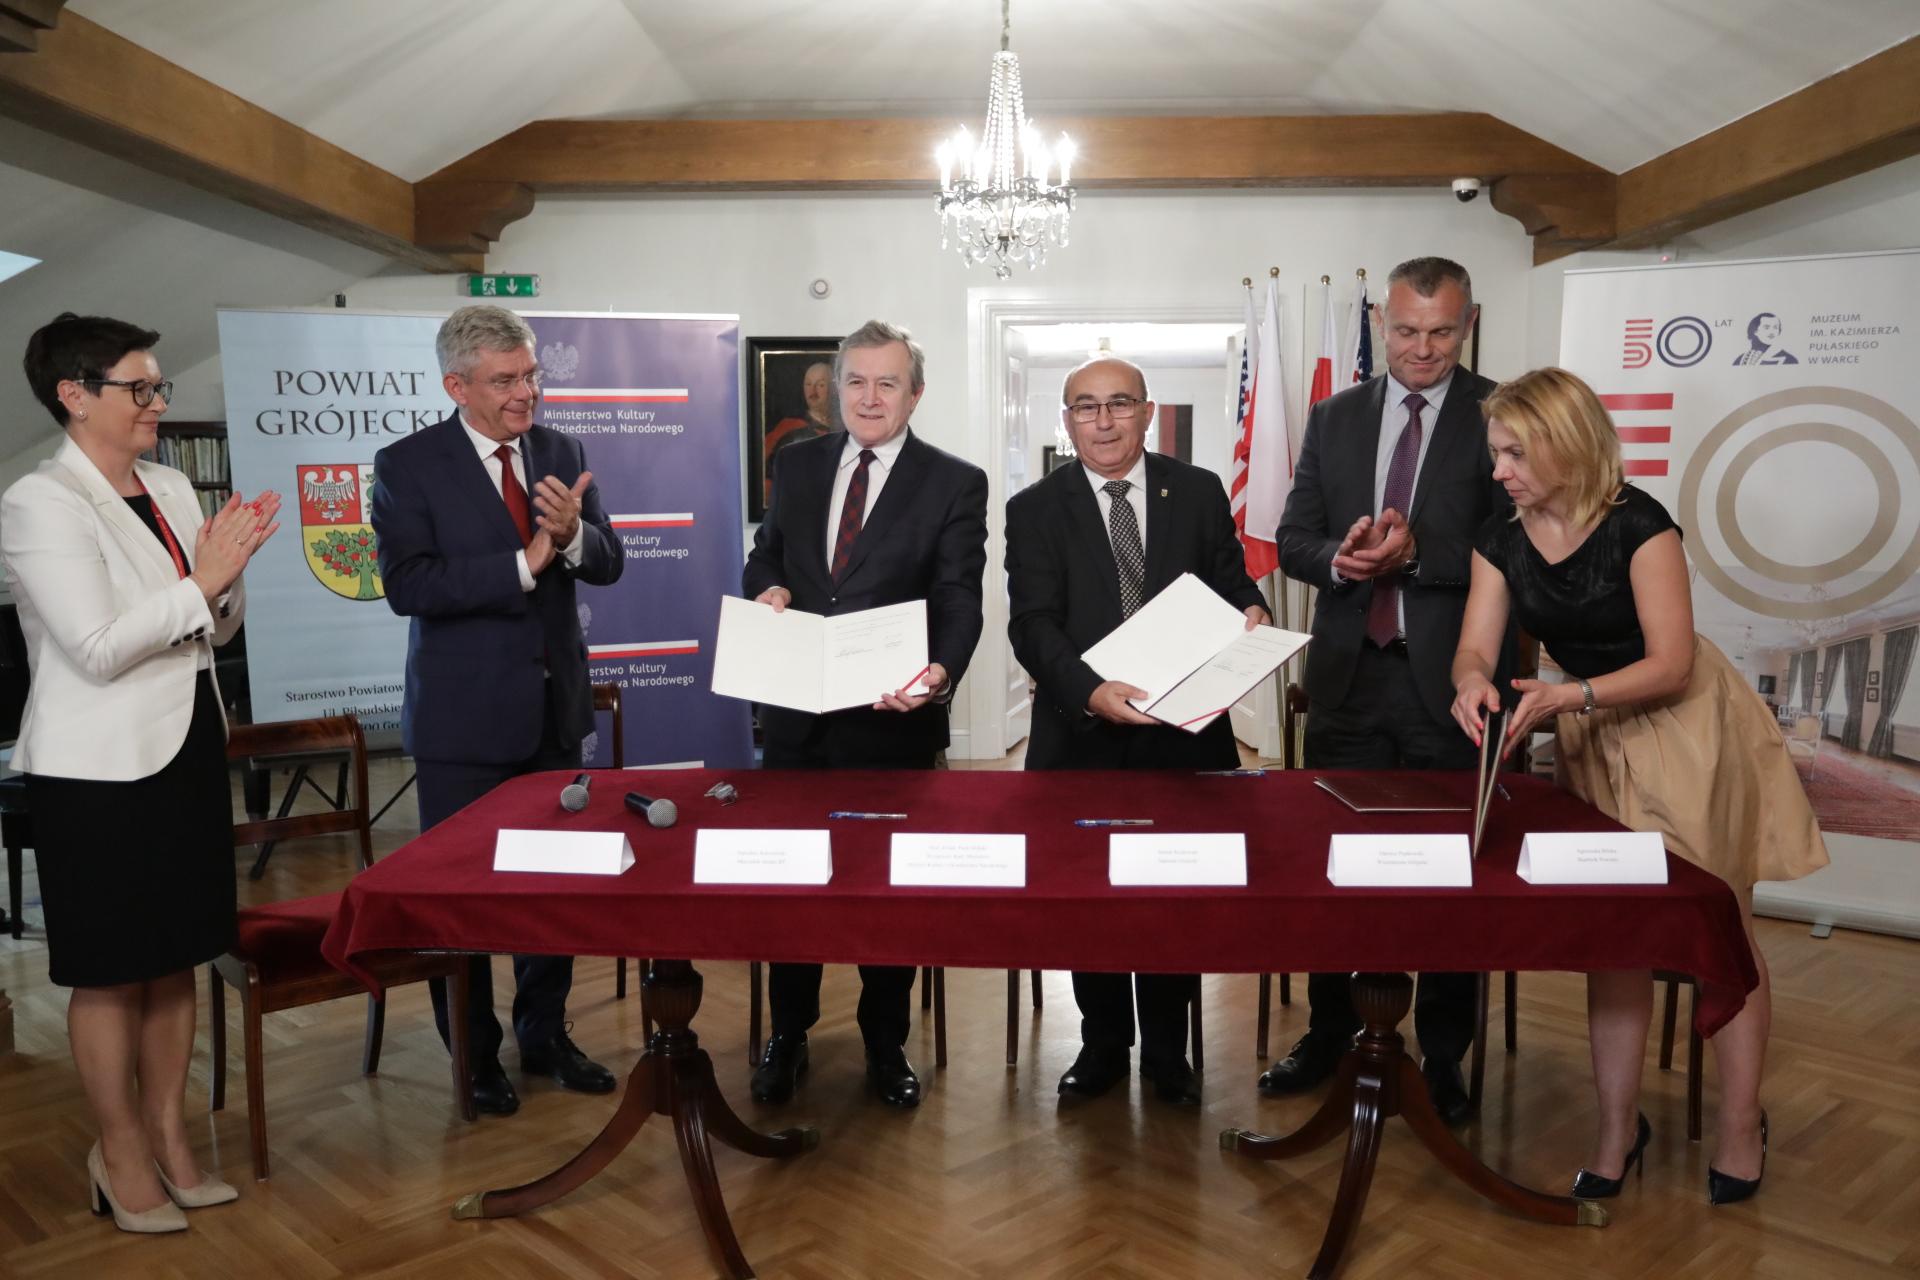 na zdjęciu uroczystość podpisania umowy o współprowadzeniu Muzeum im. Kazimierza Pułaskiego w Warce autor zdjęcia Danuta Matloc